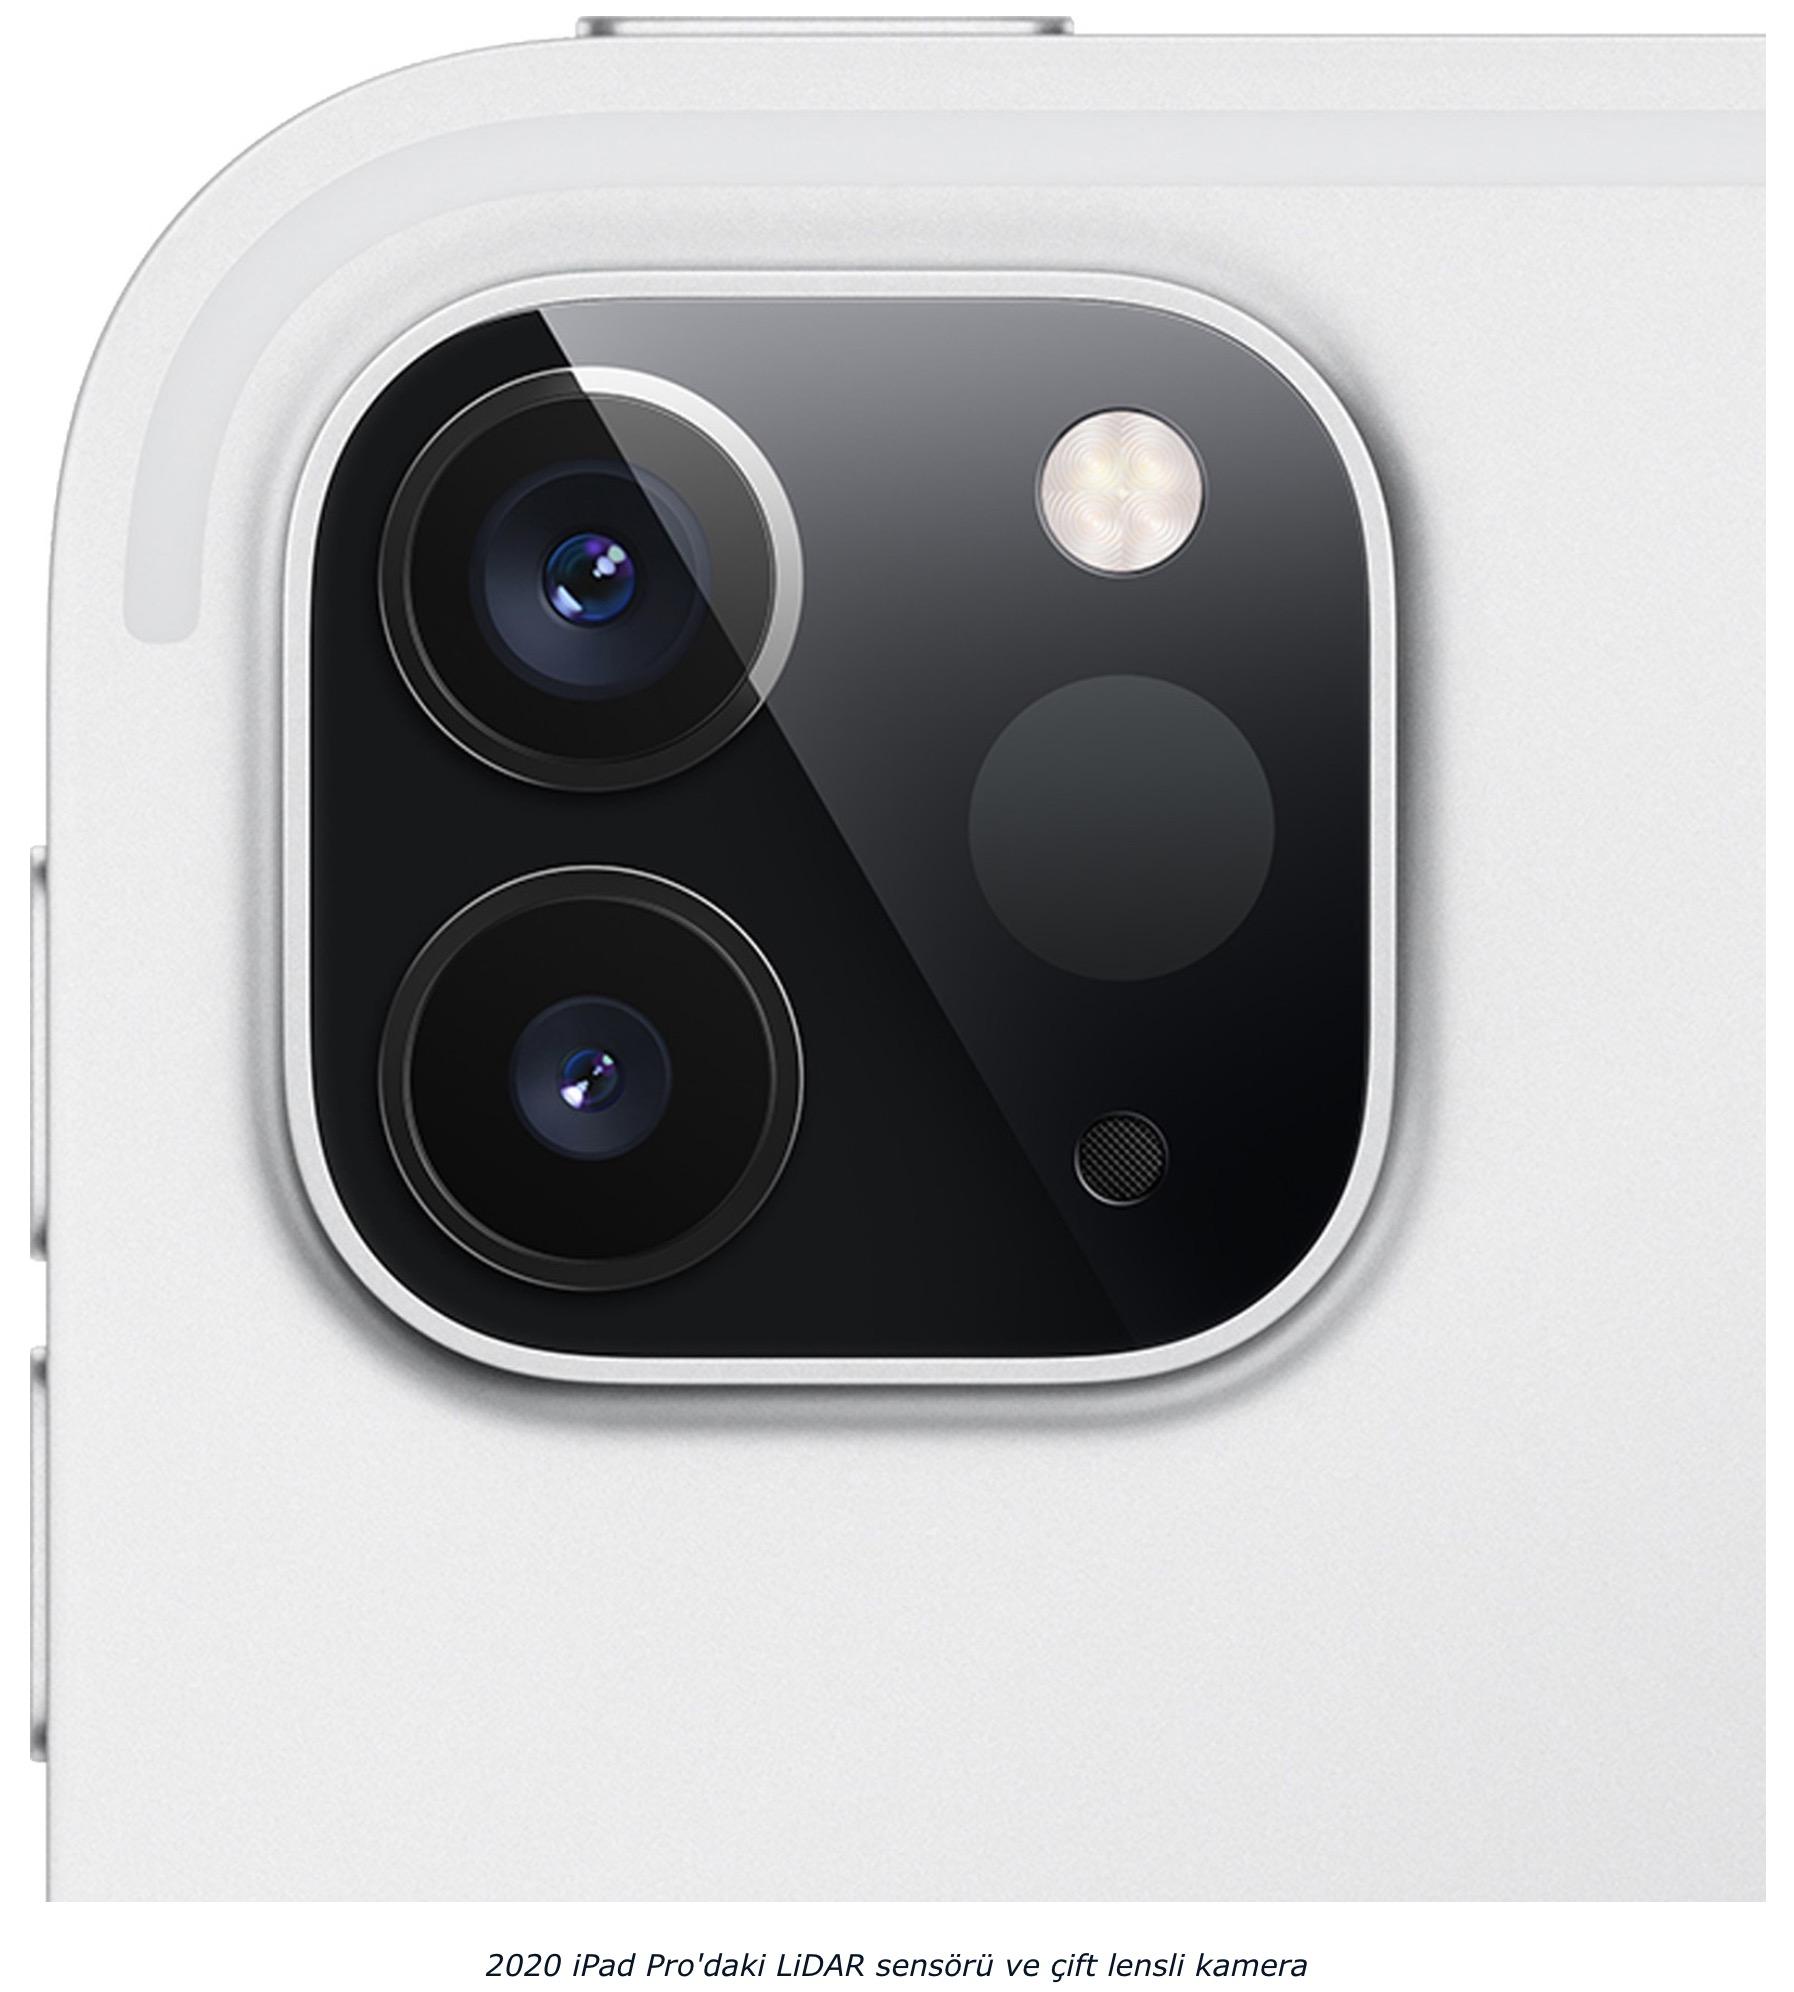 iPhone 12 arka kameralar lidar sensörlü